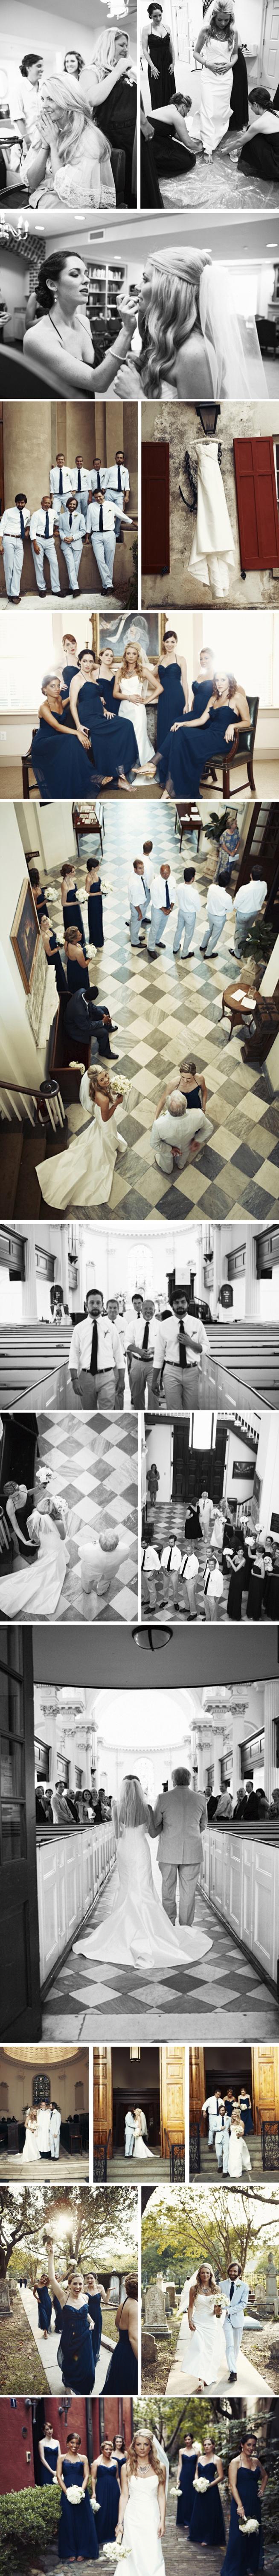 wedding ideas | wedding blogs